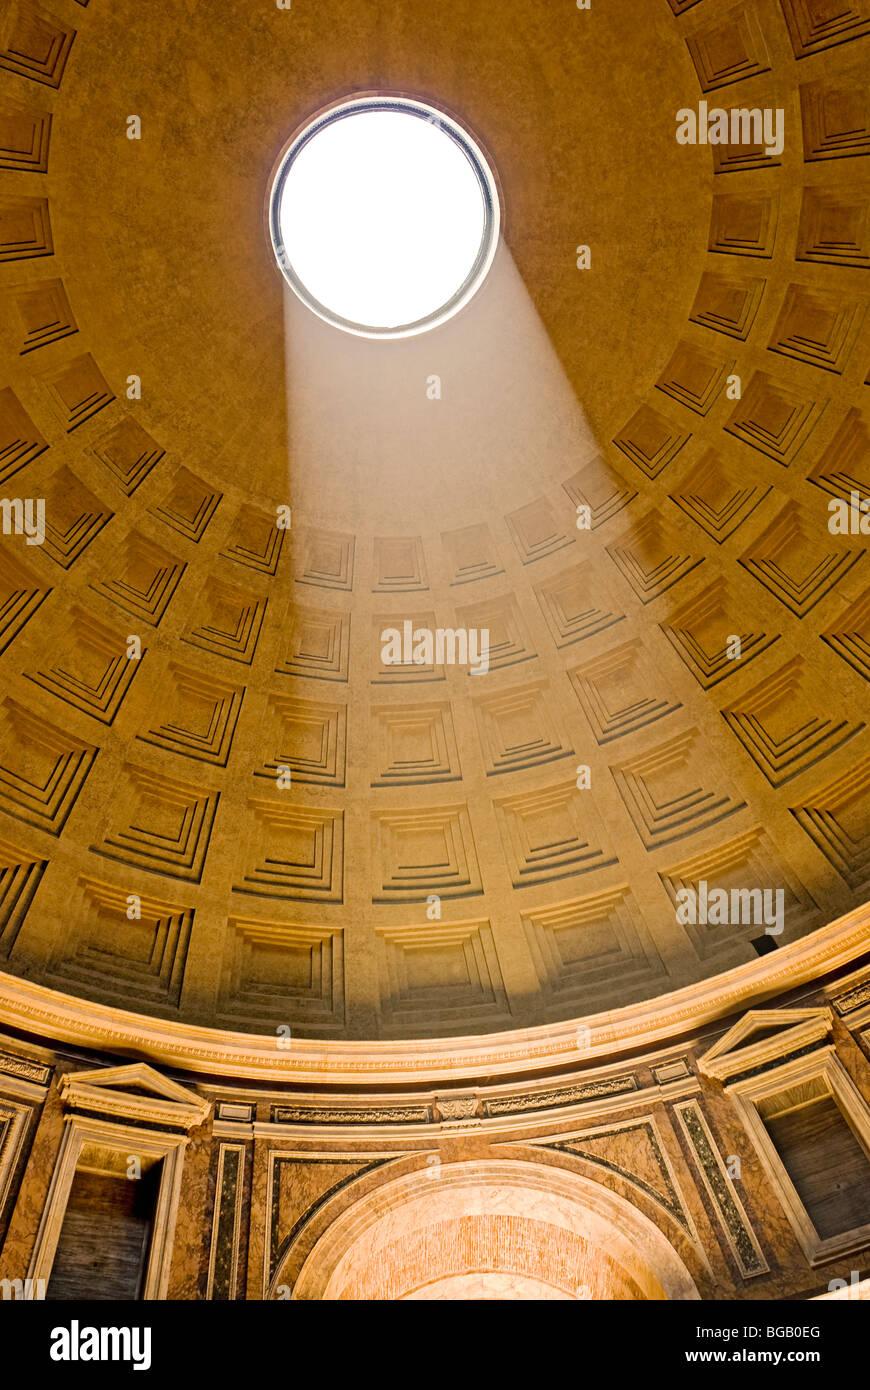 Rome, Italie. Intérieur du Panthéon à la Piazza della Rotonda l'Oculus et le plafond à caissons. Photo Stock